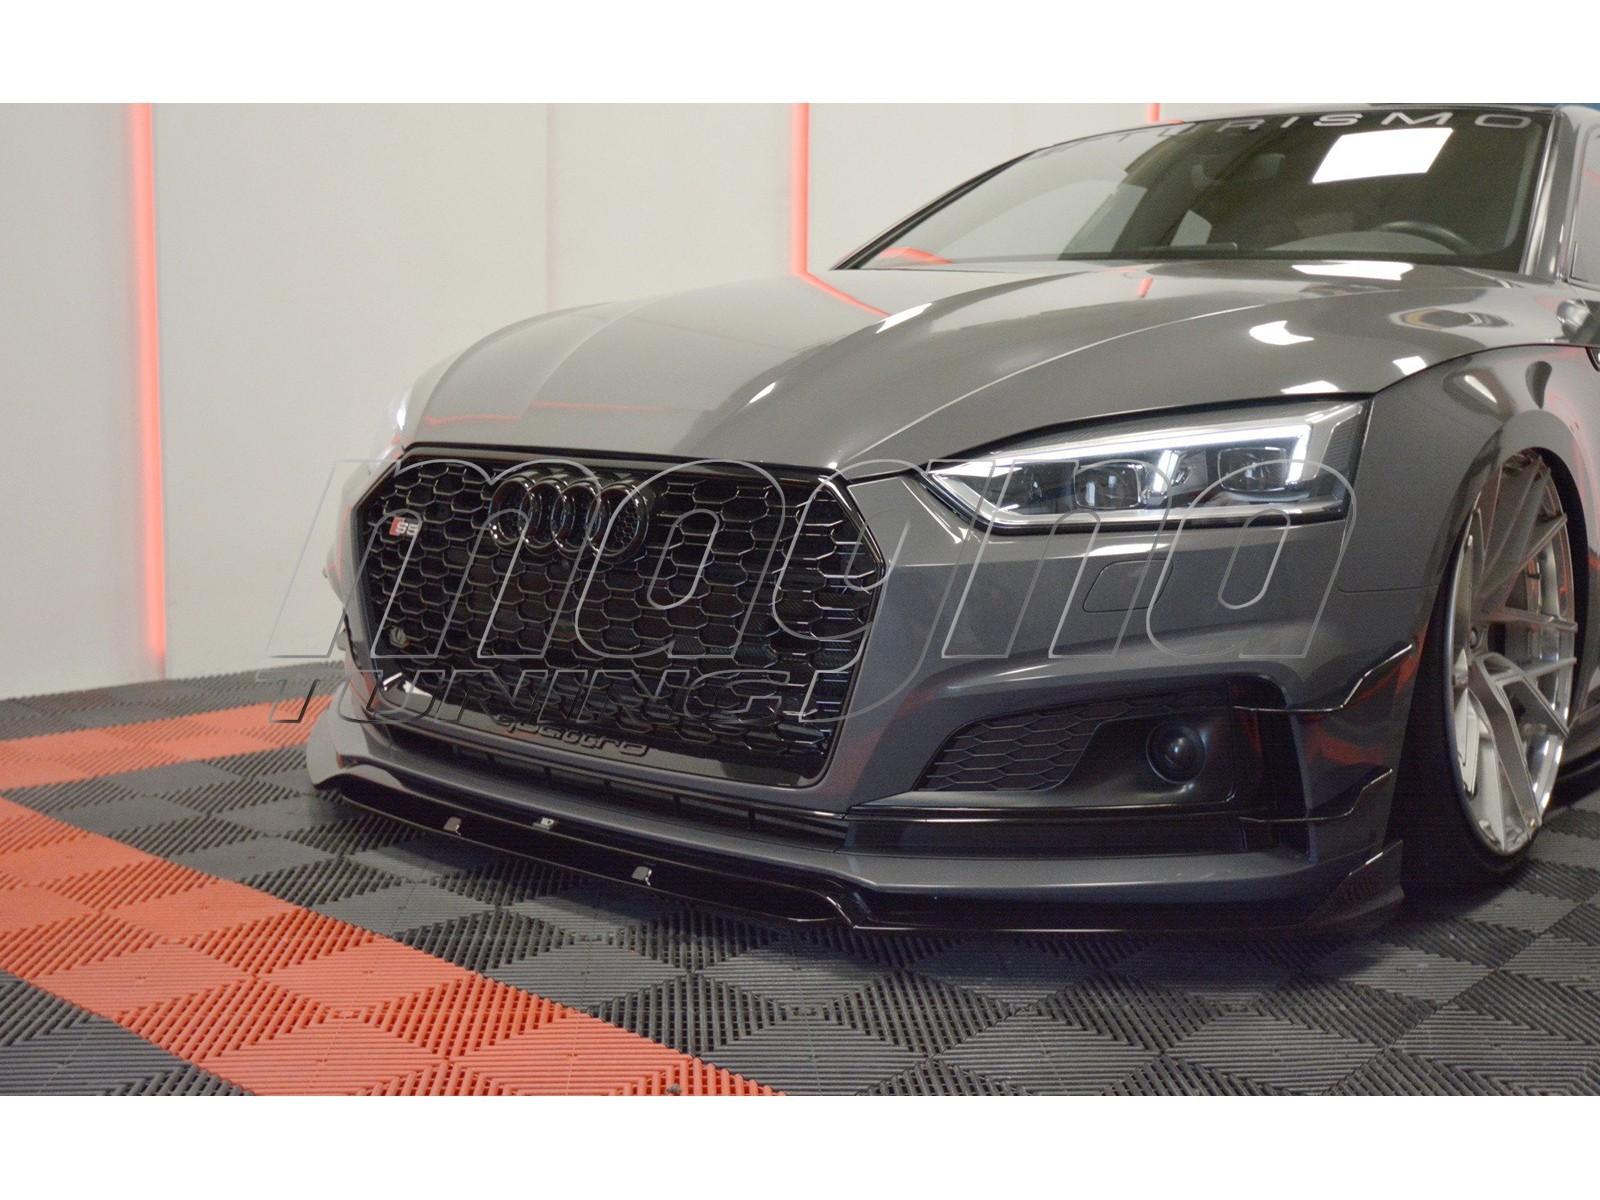 Audi A5 F5 Matrix Frontansatz